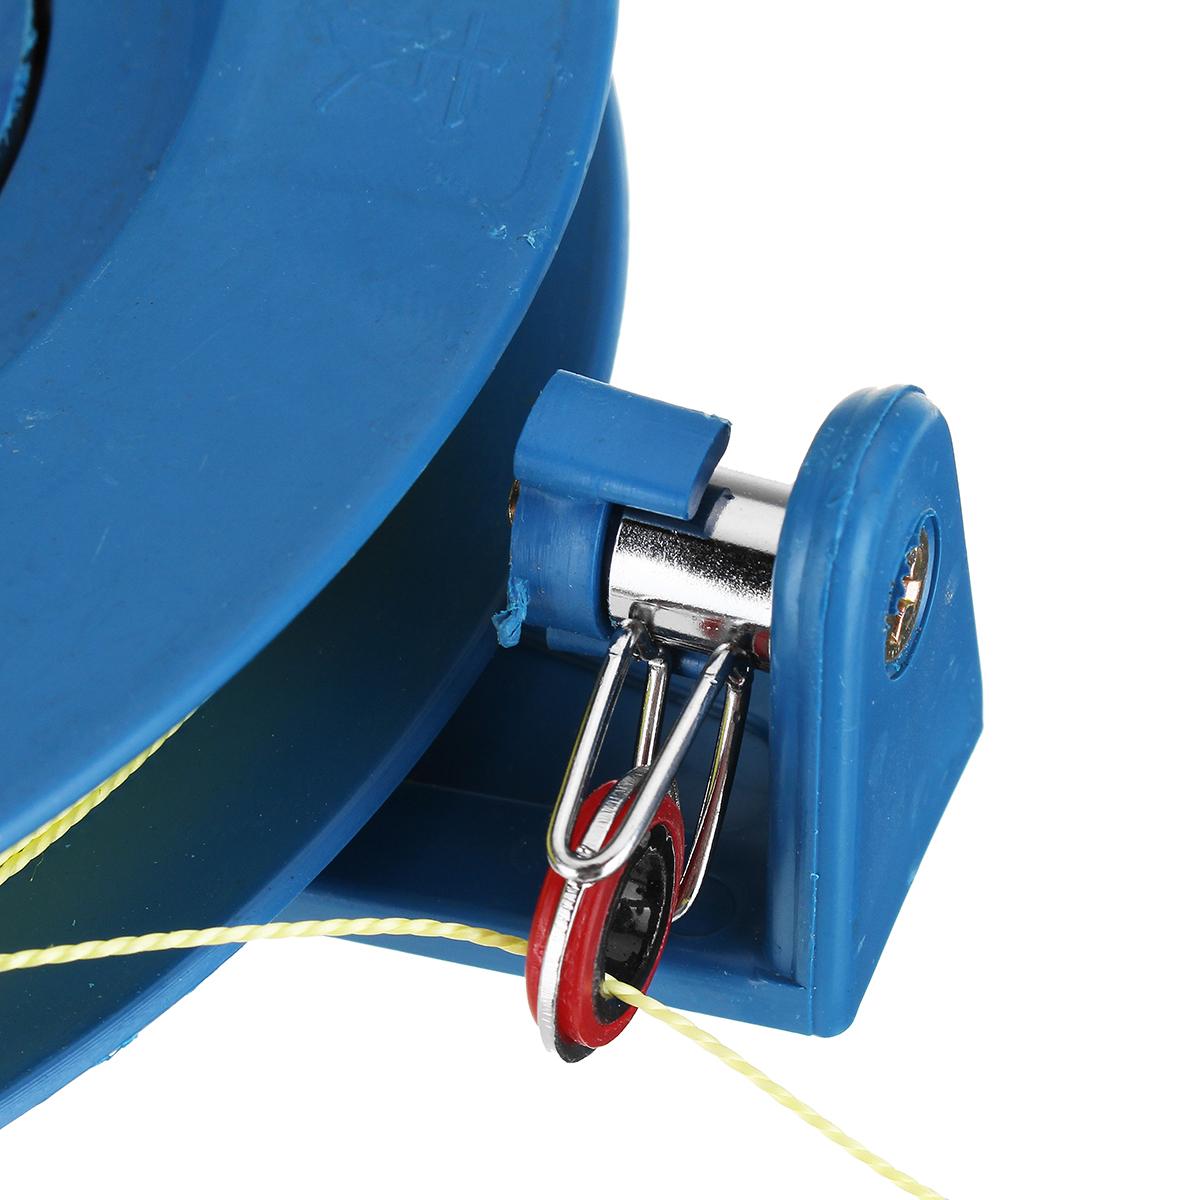 Blau Leinenspule Storm Kite Einleiner Drachenspule Wickler Haspel 100M String